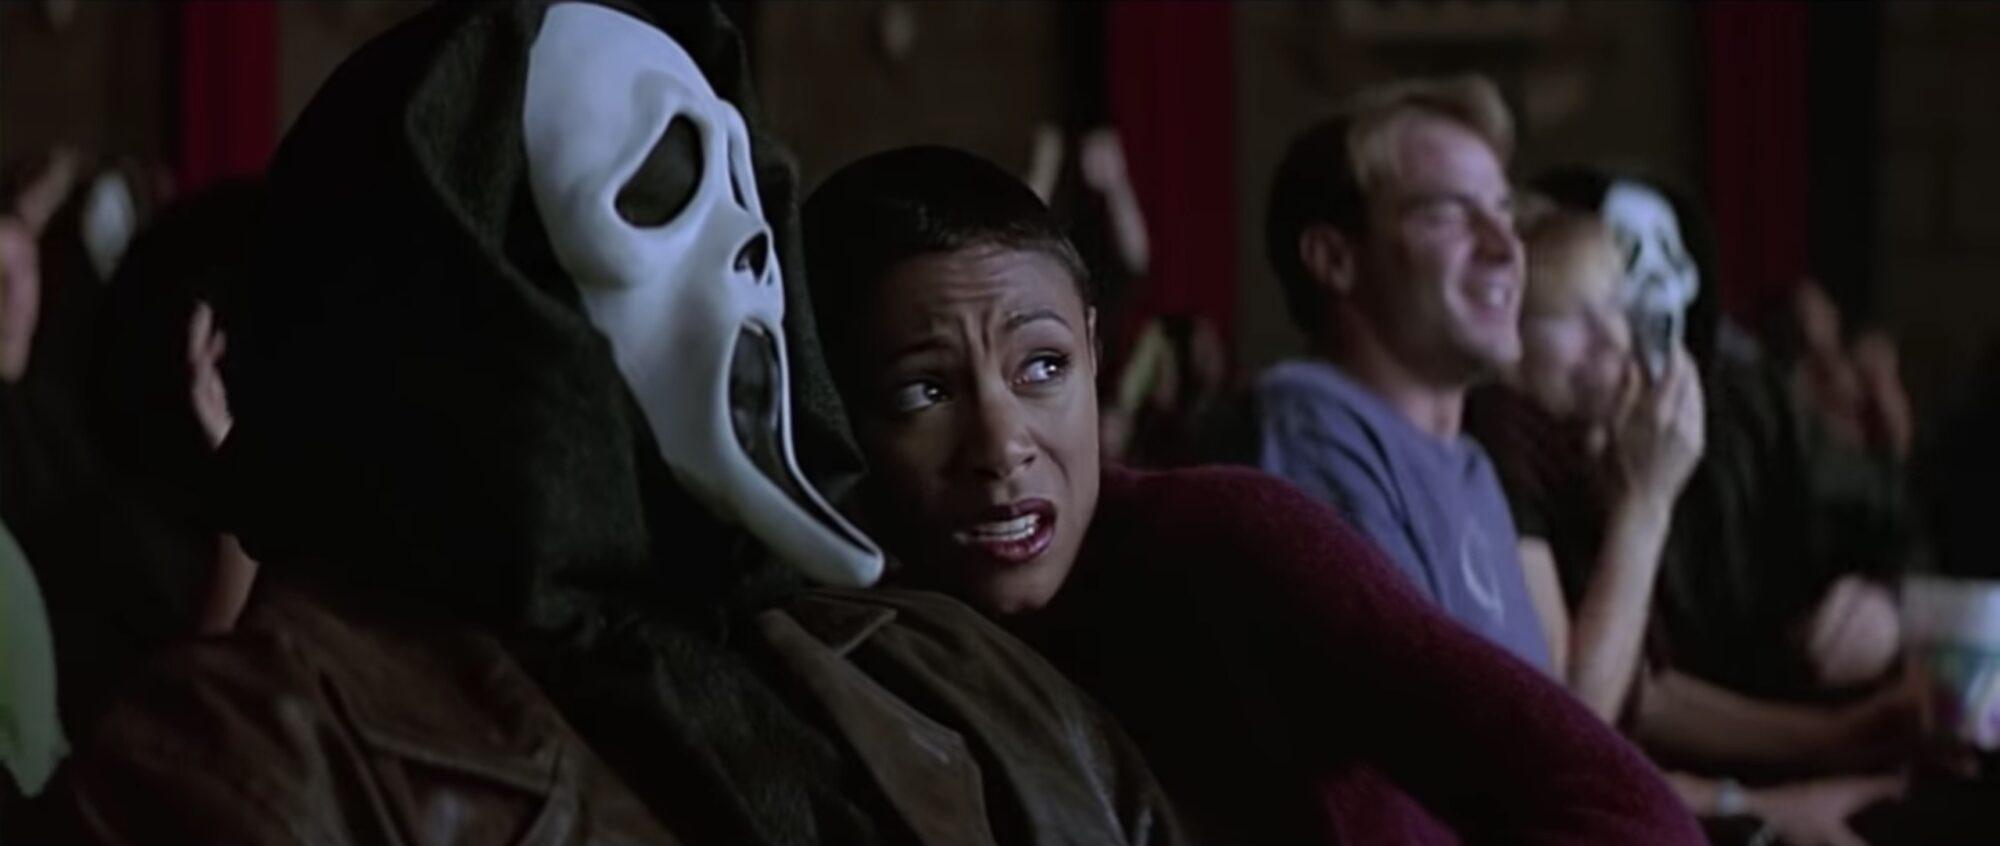 Scream 2 theater